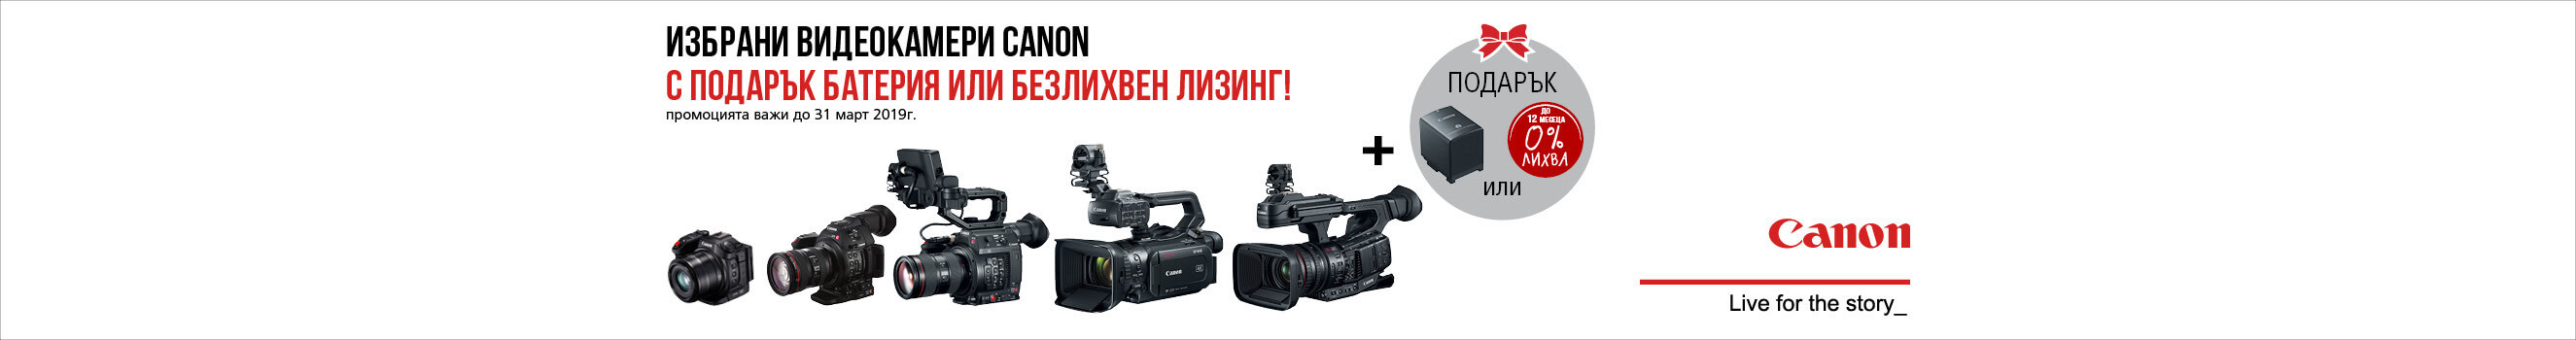 Експертен комплект за видео с фотоапарат